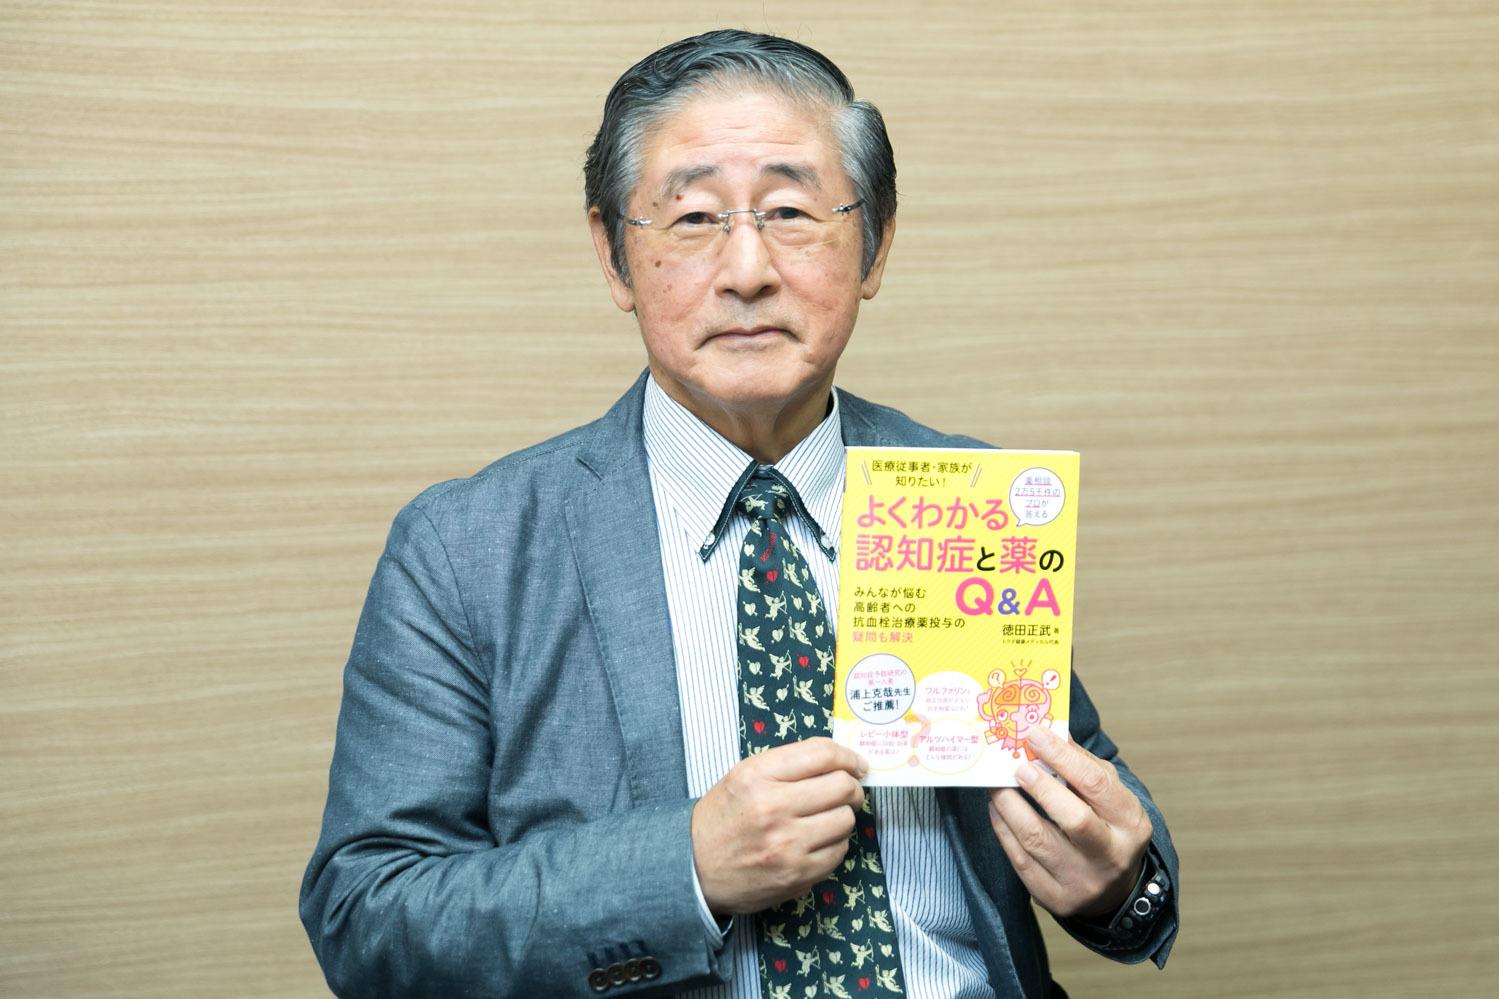 著書(よくわかる認知症と薬のQ&A)と筆者(徳田正武)